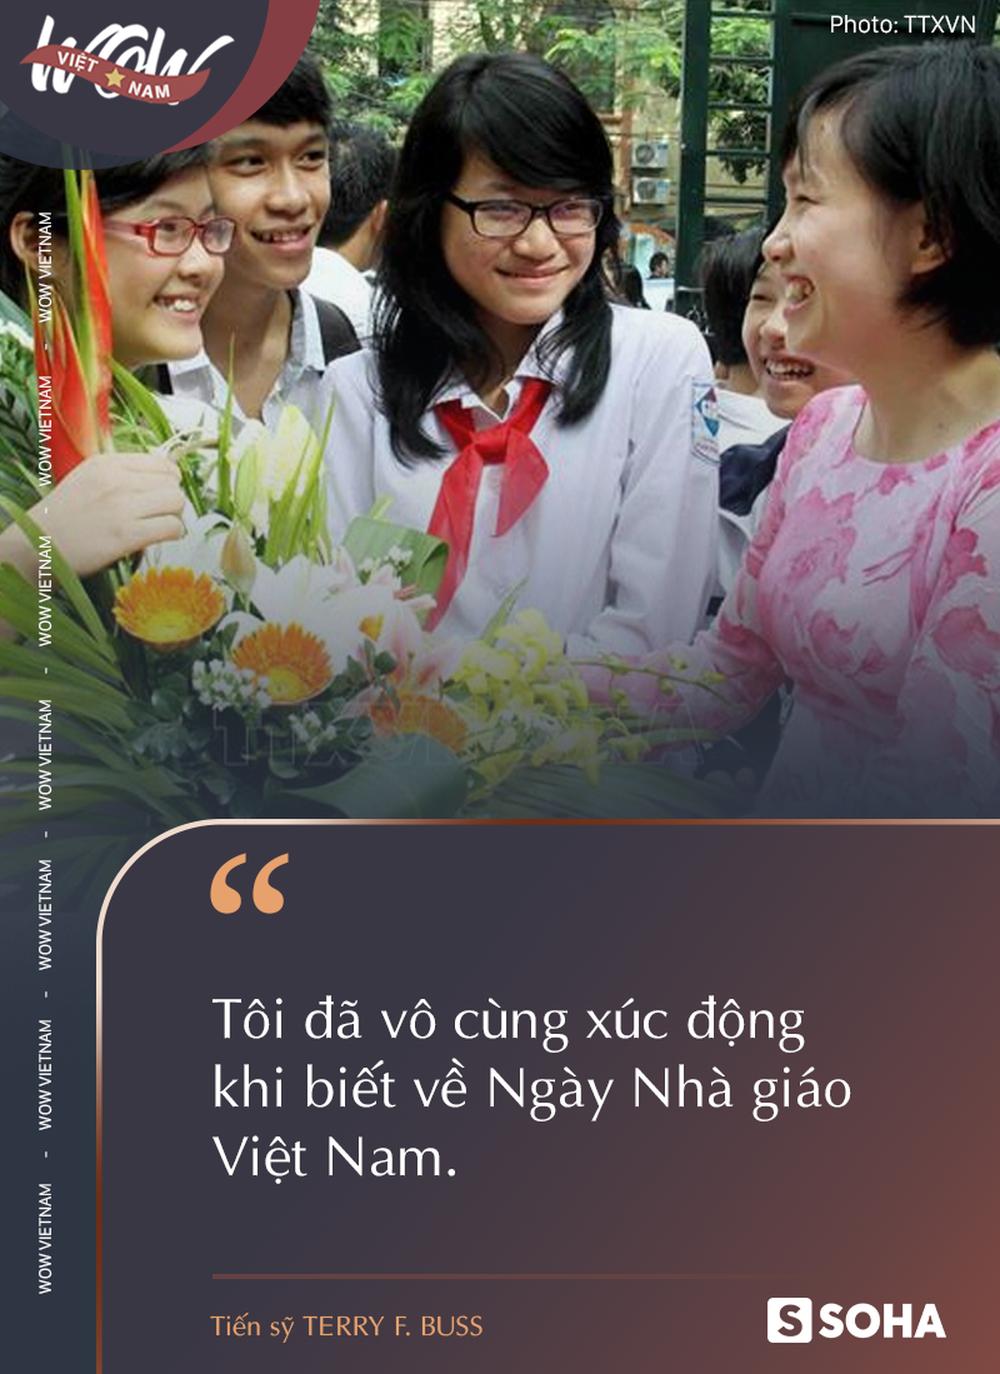 Tiến sỹ Mỹ: Làm thầy của sinh viên Việt Nam thì chắc chắc sẽ được nhận phần thưởng đặc biệt… - Ảnh 9.